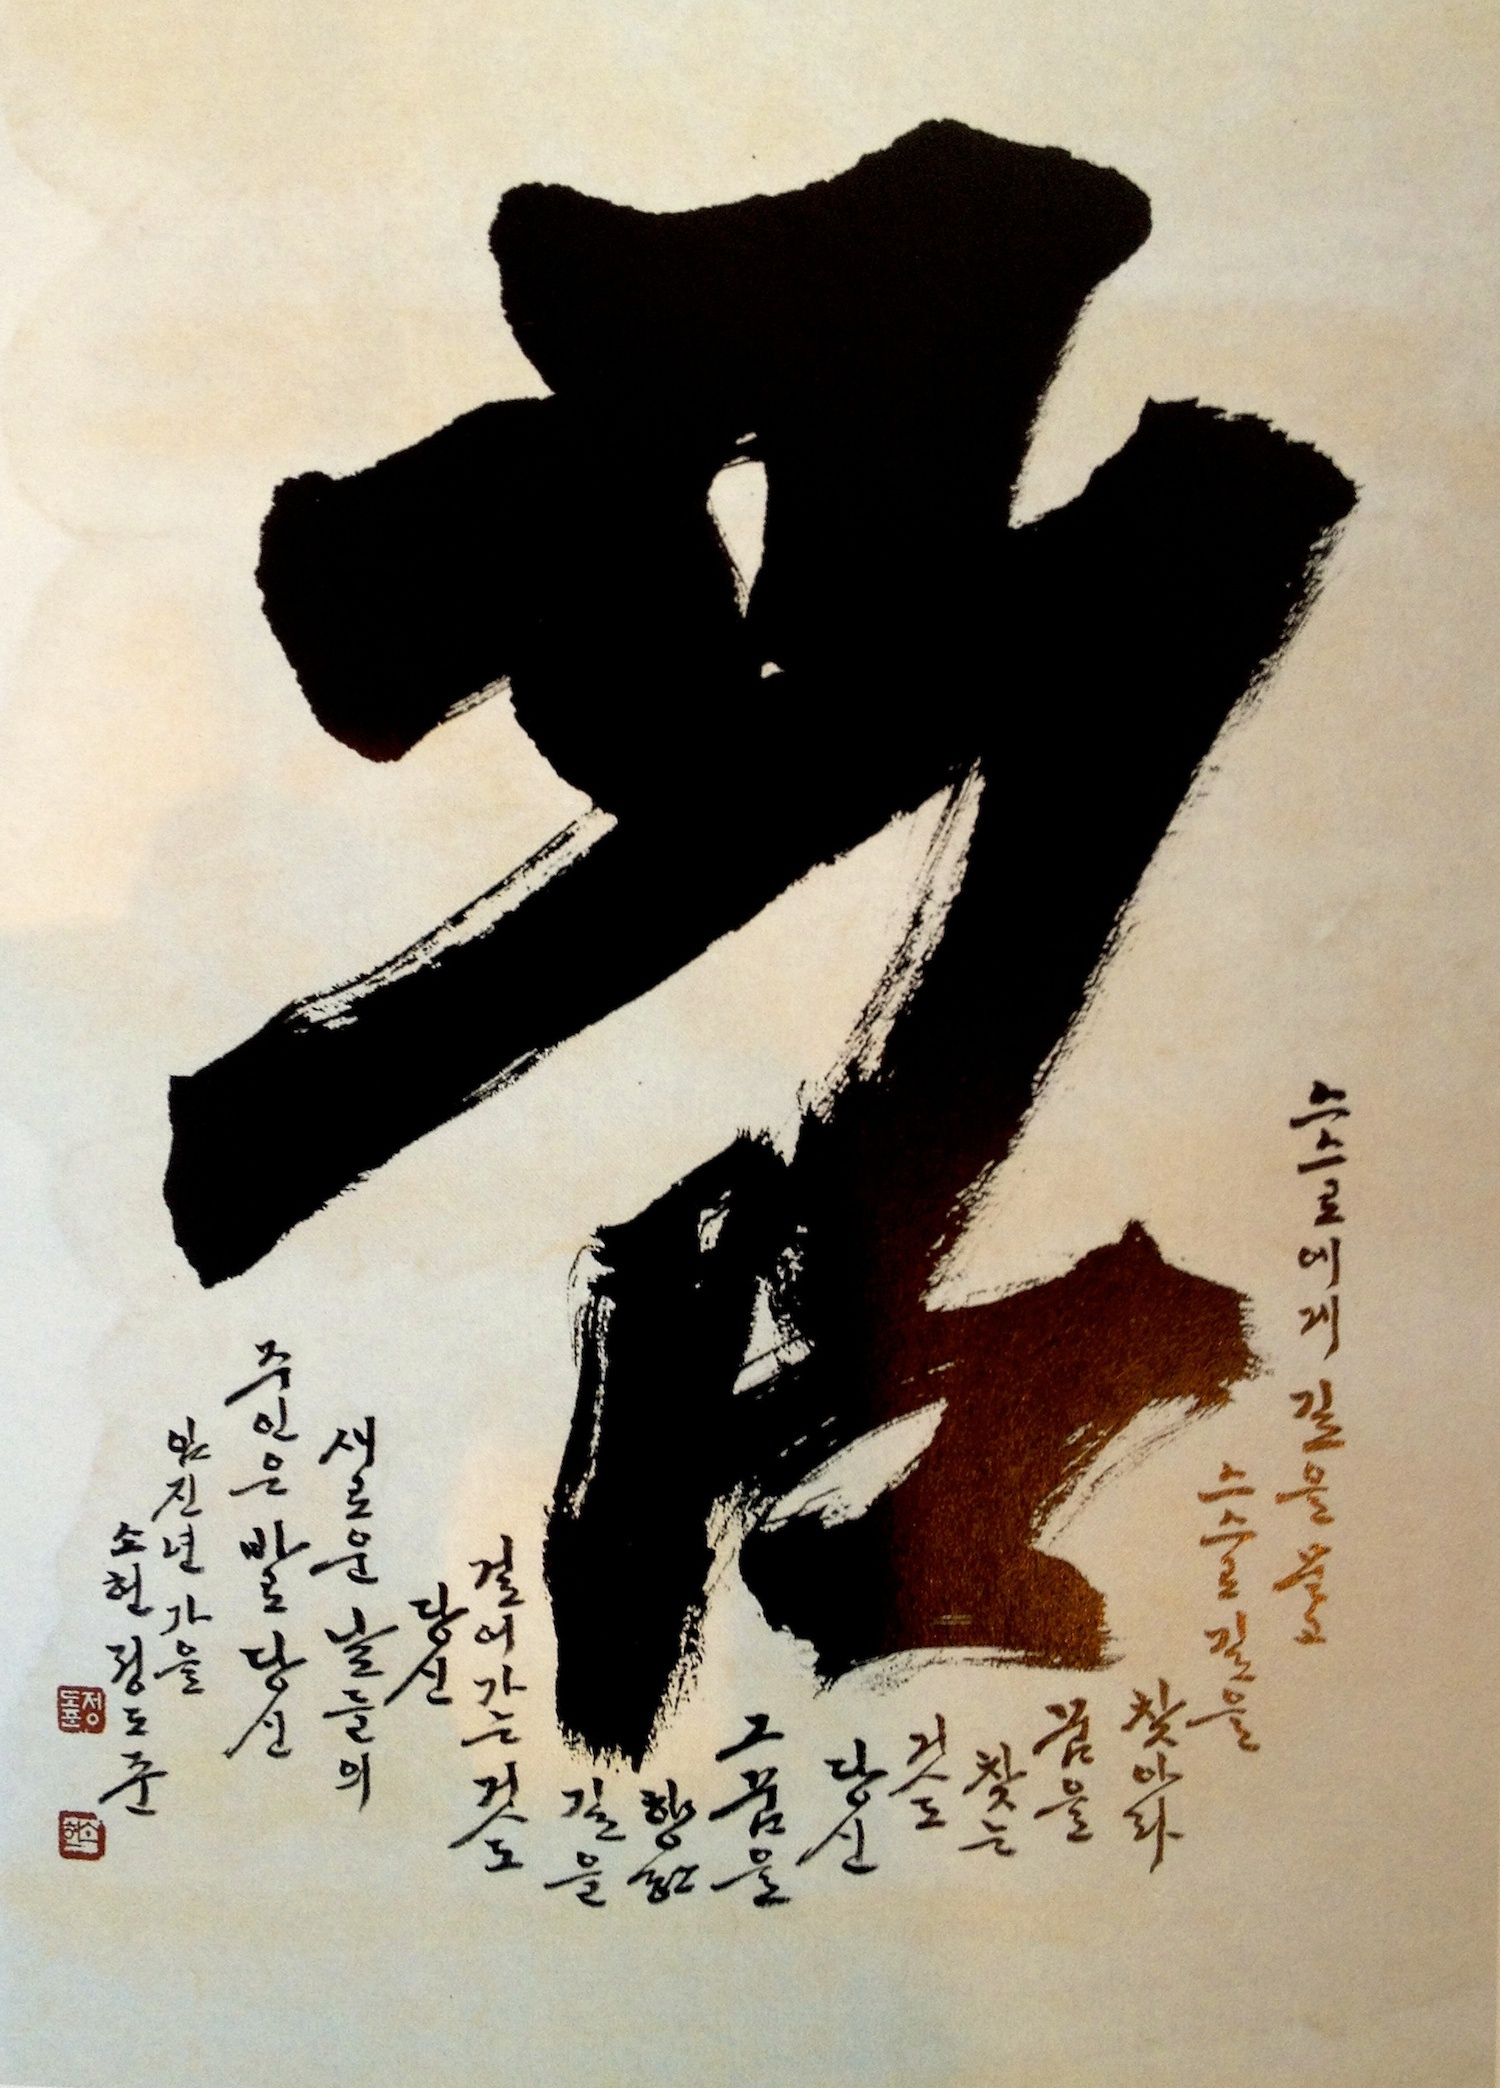 DREAM, 2012, Encre sur papier, cm 56 x 77